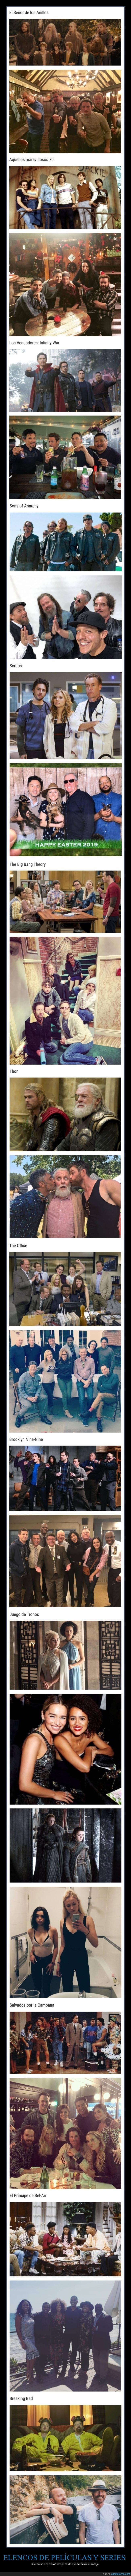 actores,elencos,películas,series